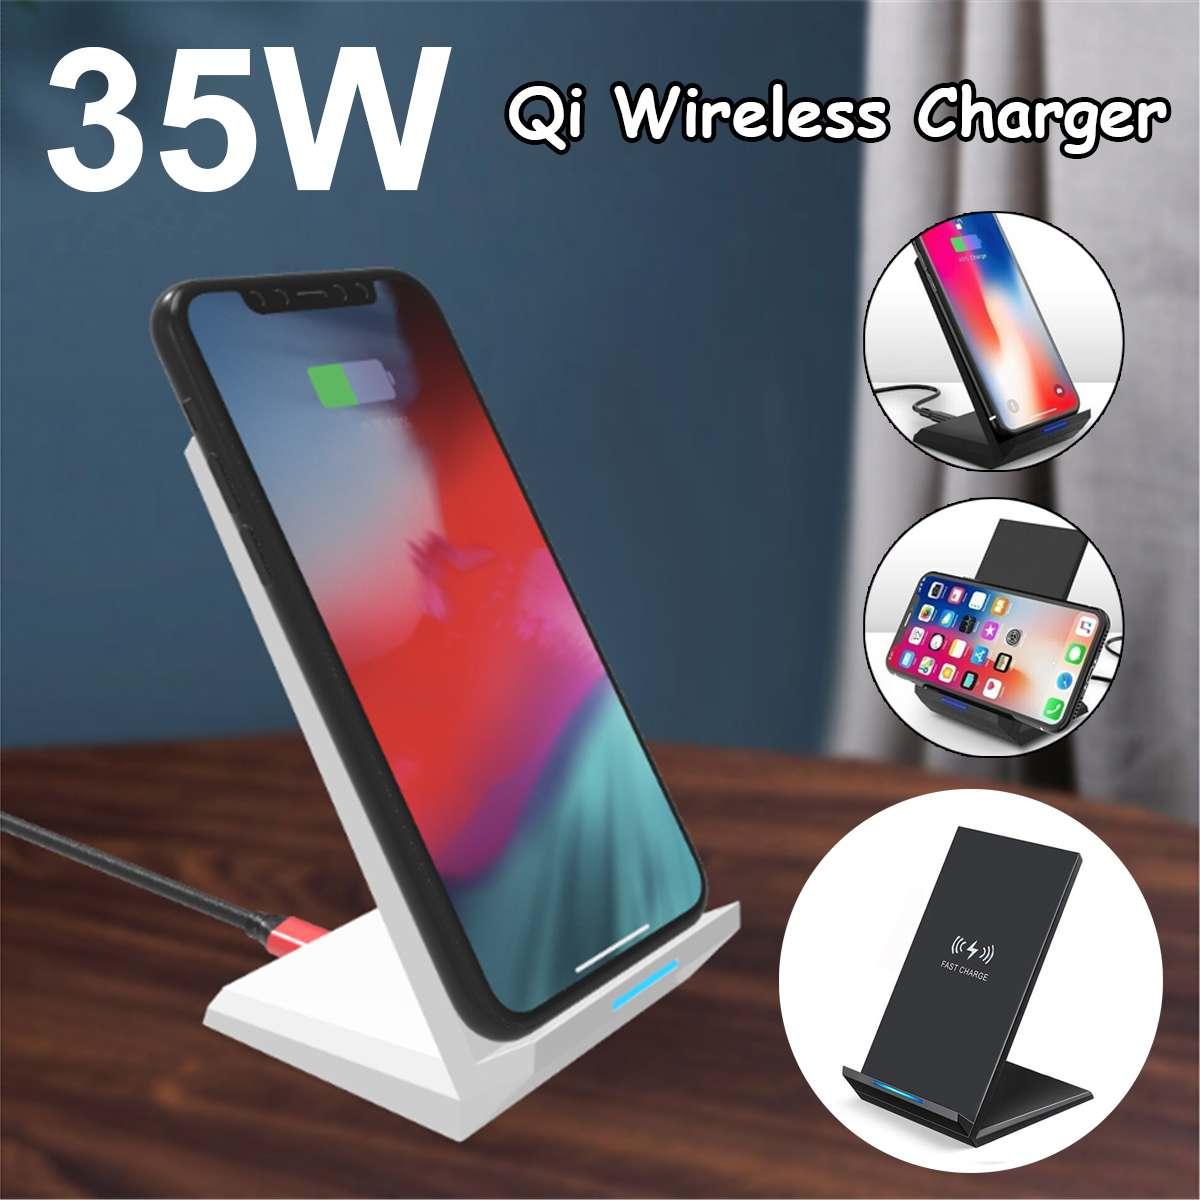 35W Qi kablosuz şarj standı iPhone X XS MAX XR 11 Pro 8 samsung S20 S10 S9 hızlı şarj Dock İstasyonu telefon şarj cihazı